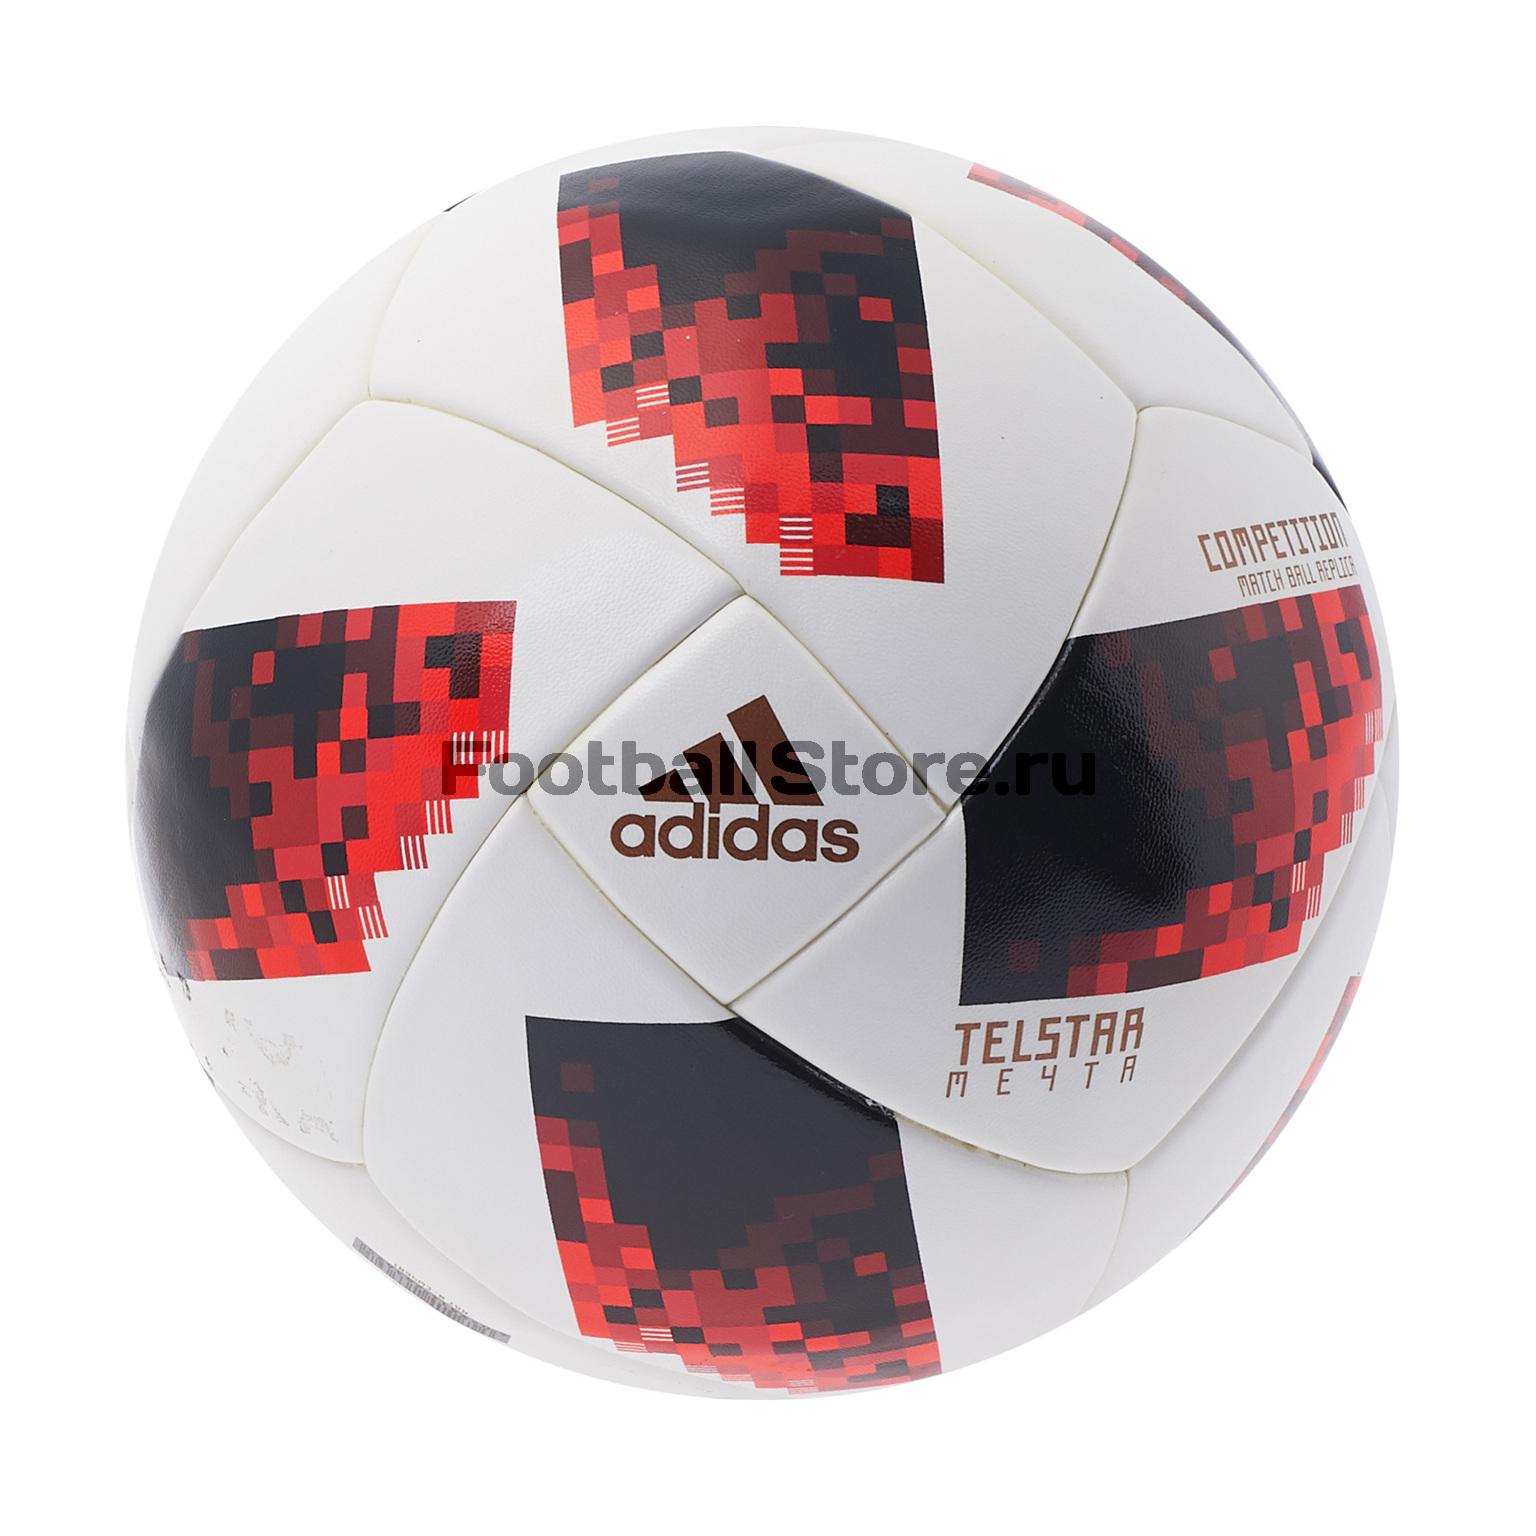 Футбольный мяч Adidas Telstar Мечта Competition ЧМ-2018 CW4681 мяч футбольный torres vision resposta fifa quality pro размер 5